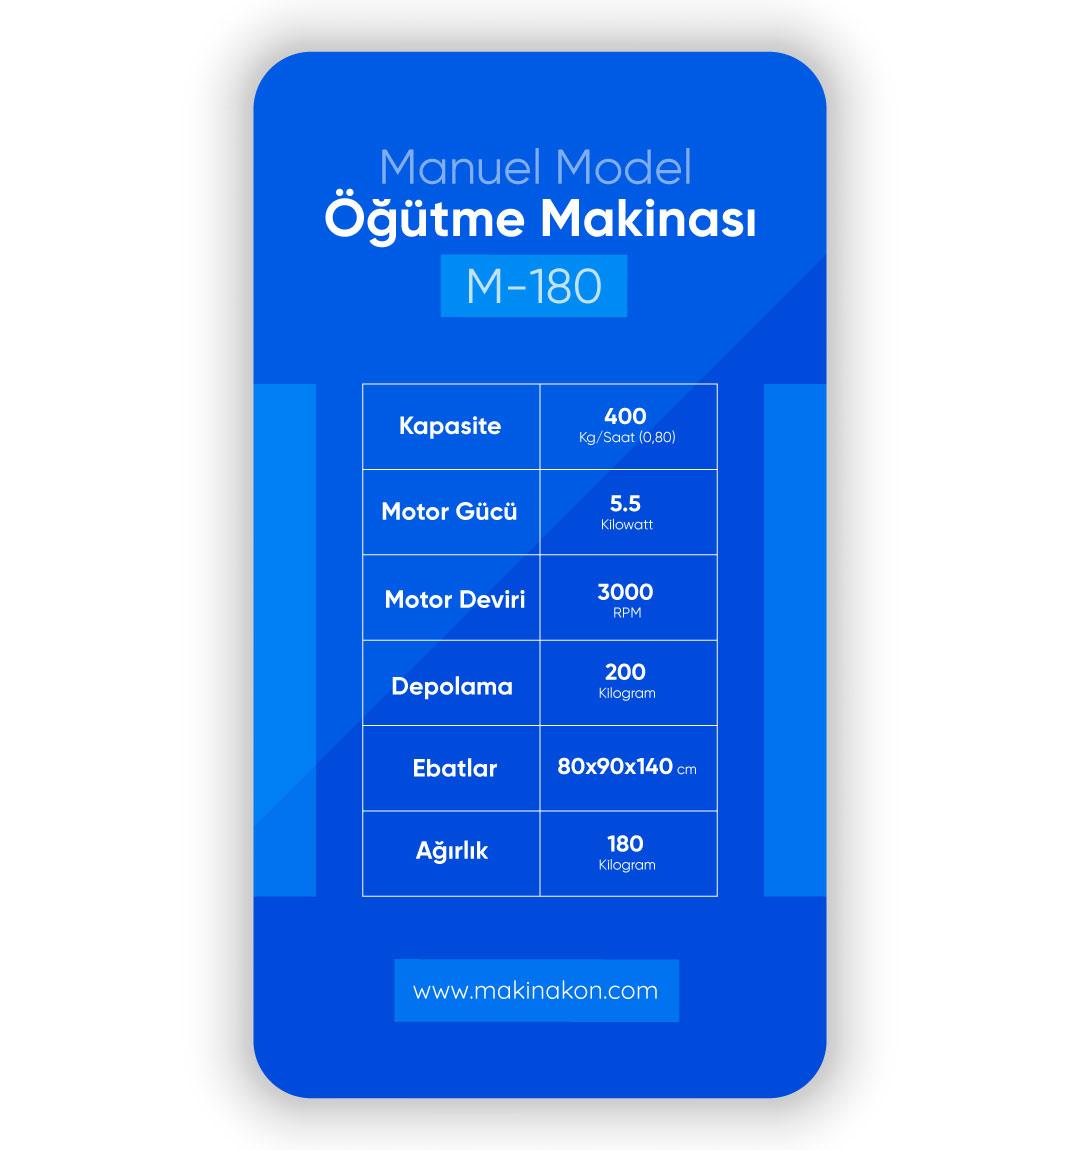 Pudra Şekeri Öğütme Makinası M-180 Manuel Teknik Bilgileri Tablo Görseli